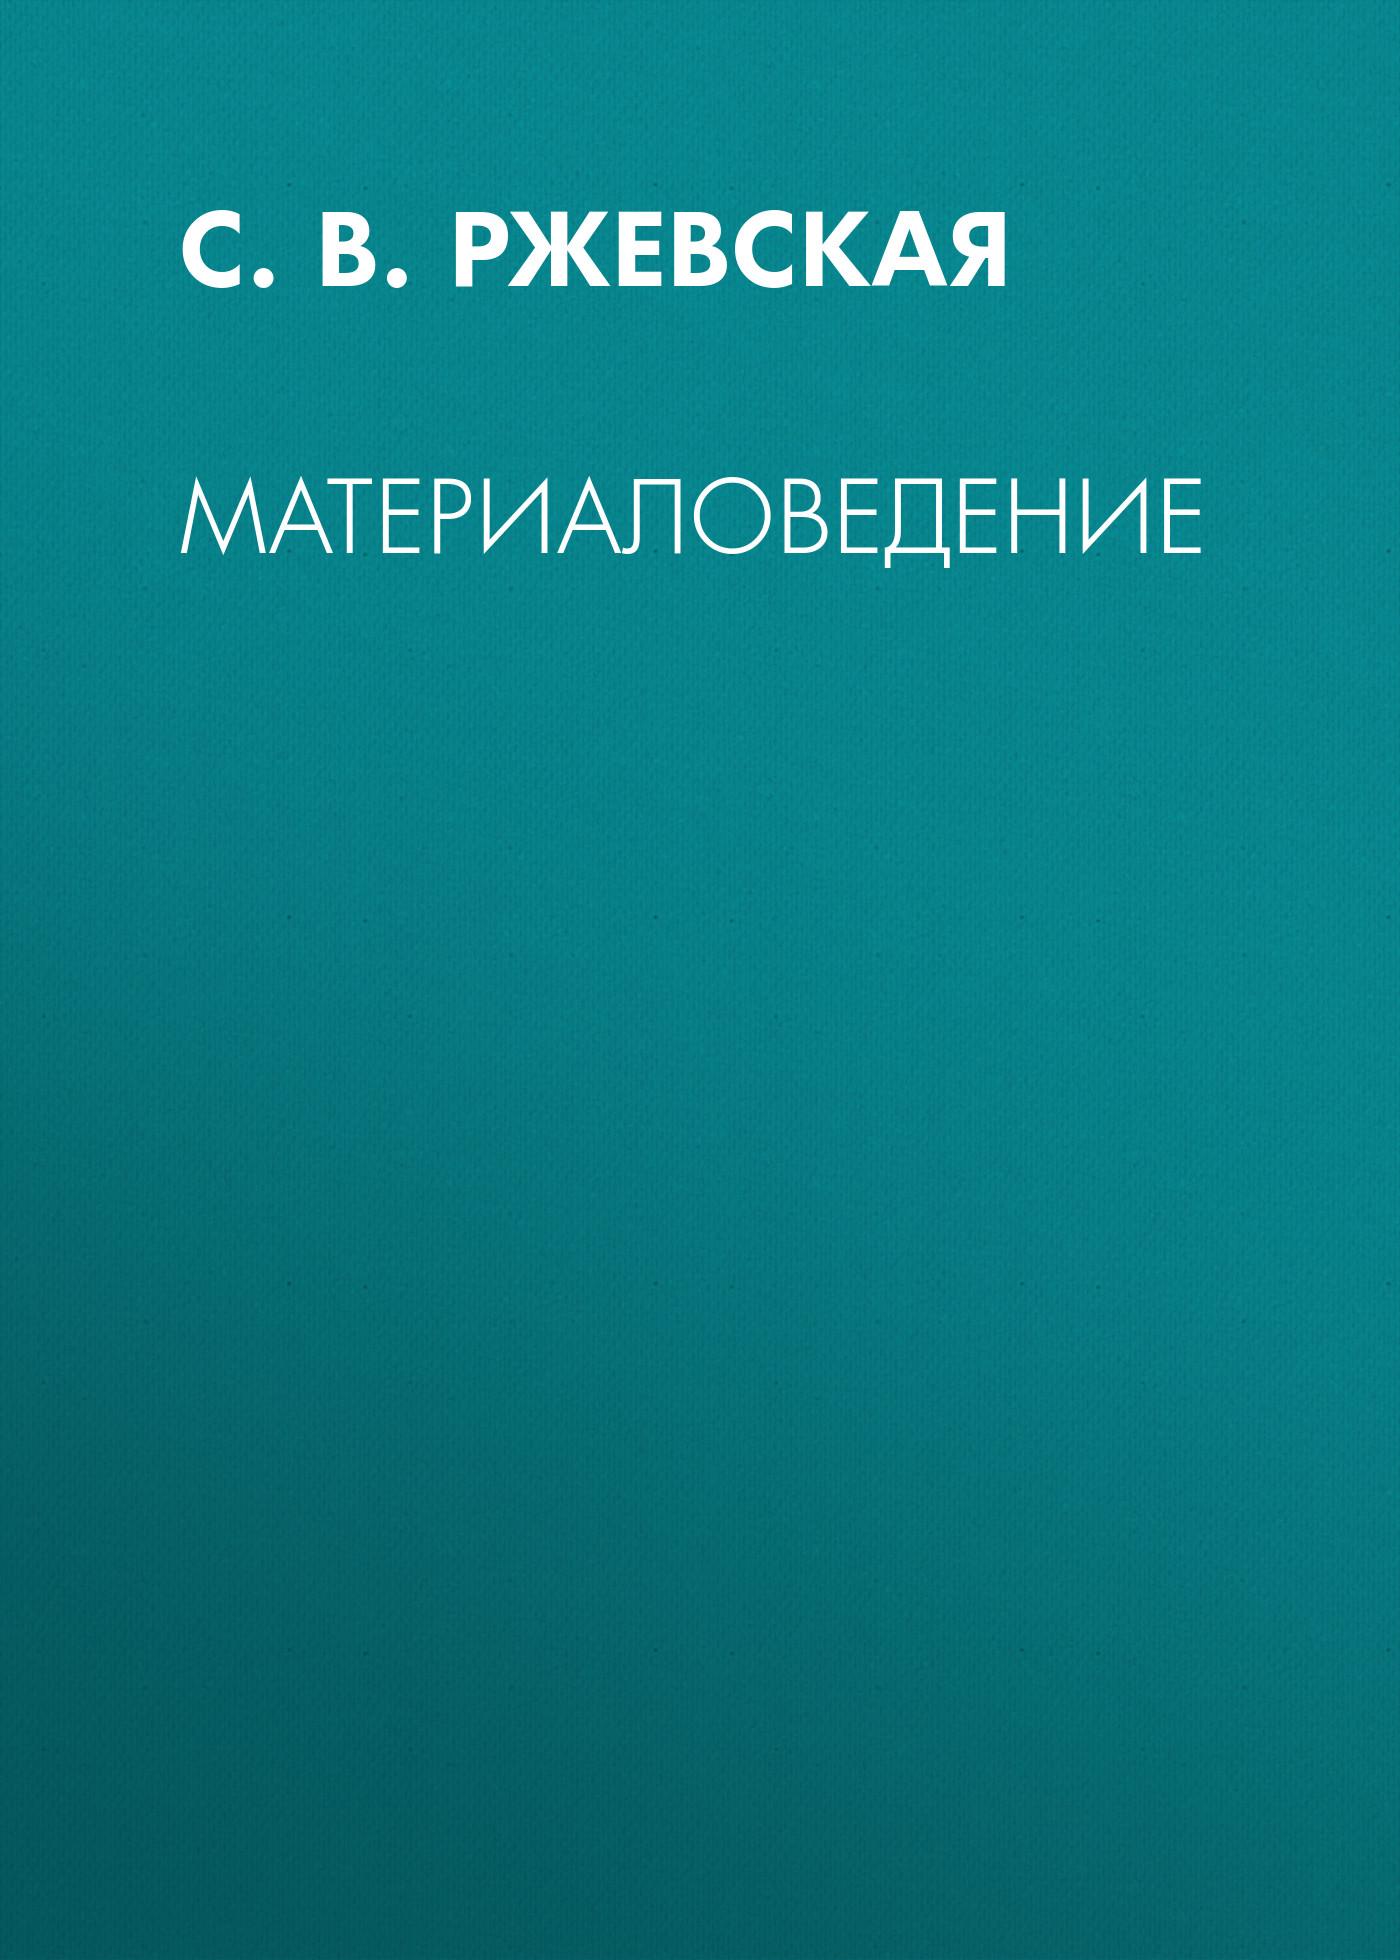 С. В. Ржевская Материаловедение